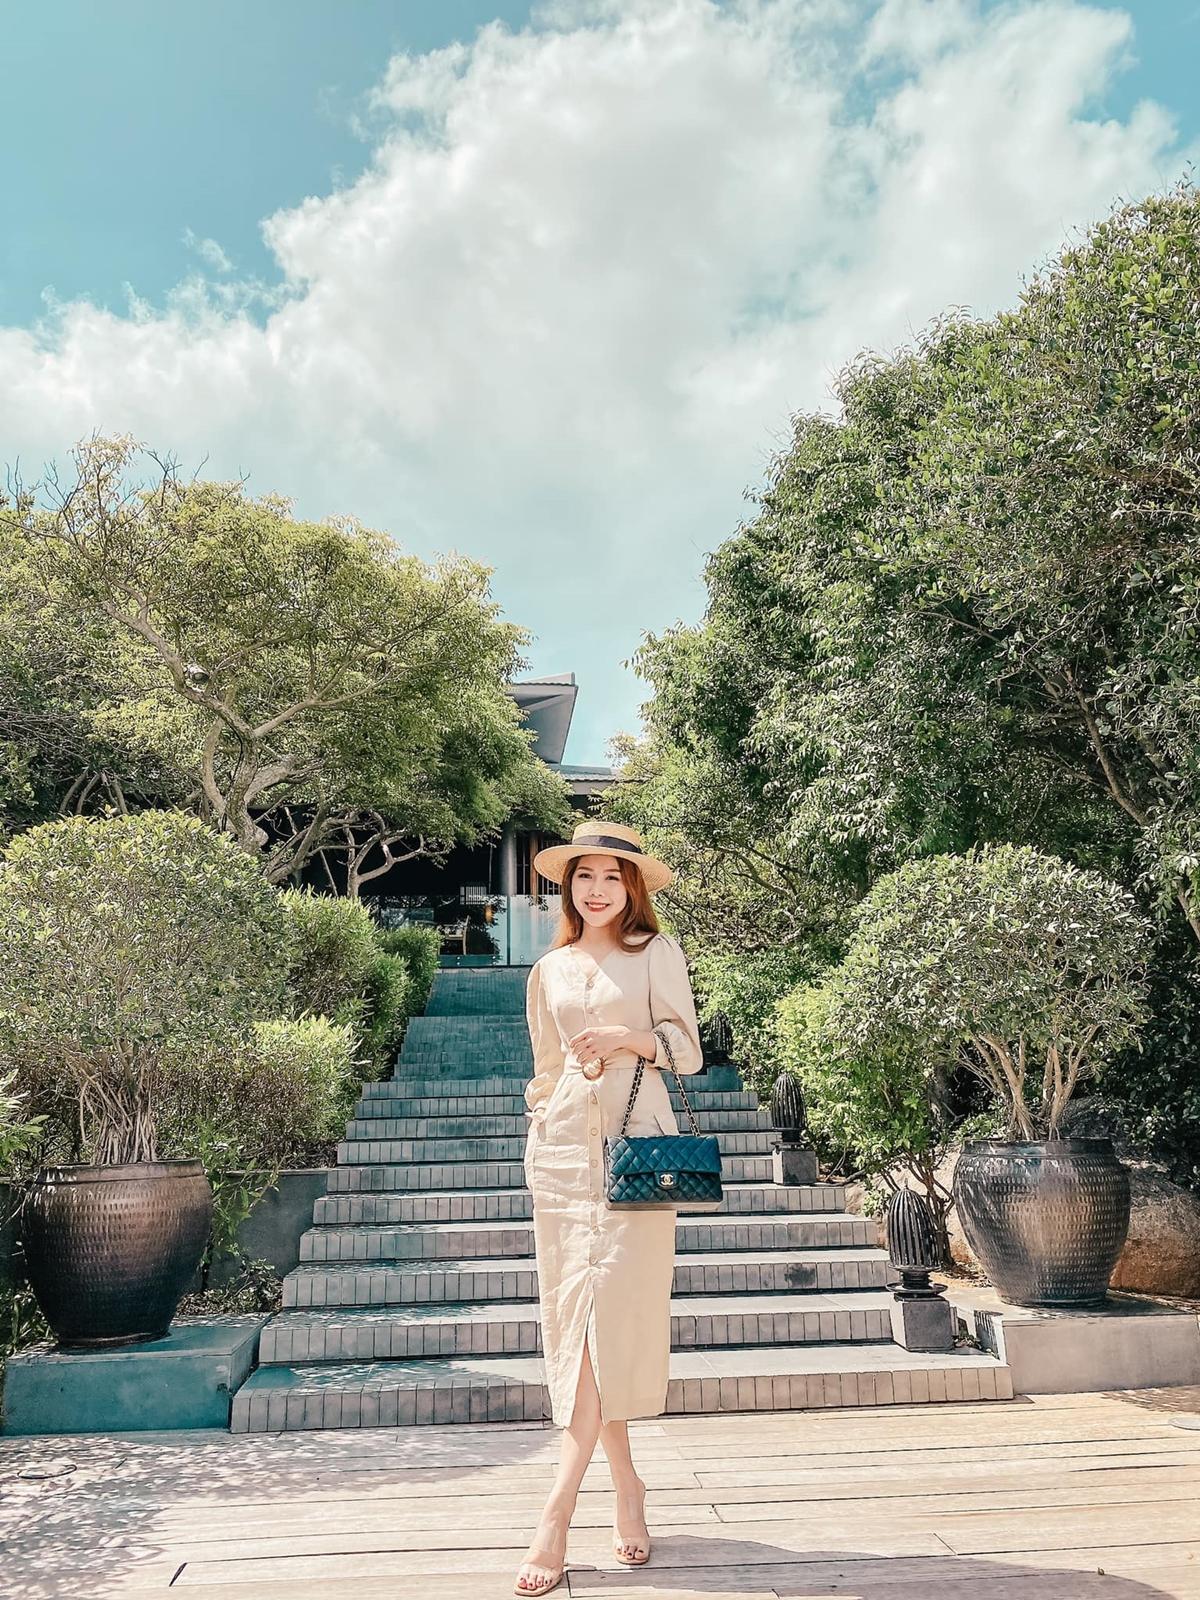 Tuệ Nghi được đánh giá cao phong cách thời trang, với hàng nghìn lượt thích mỗi khi đăng ảnh Facebook.